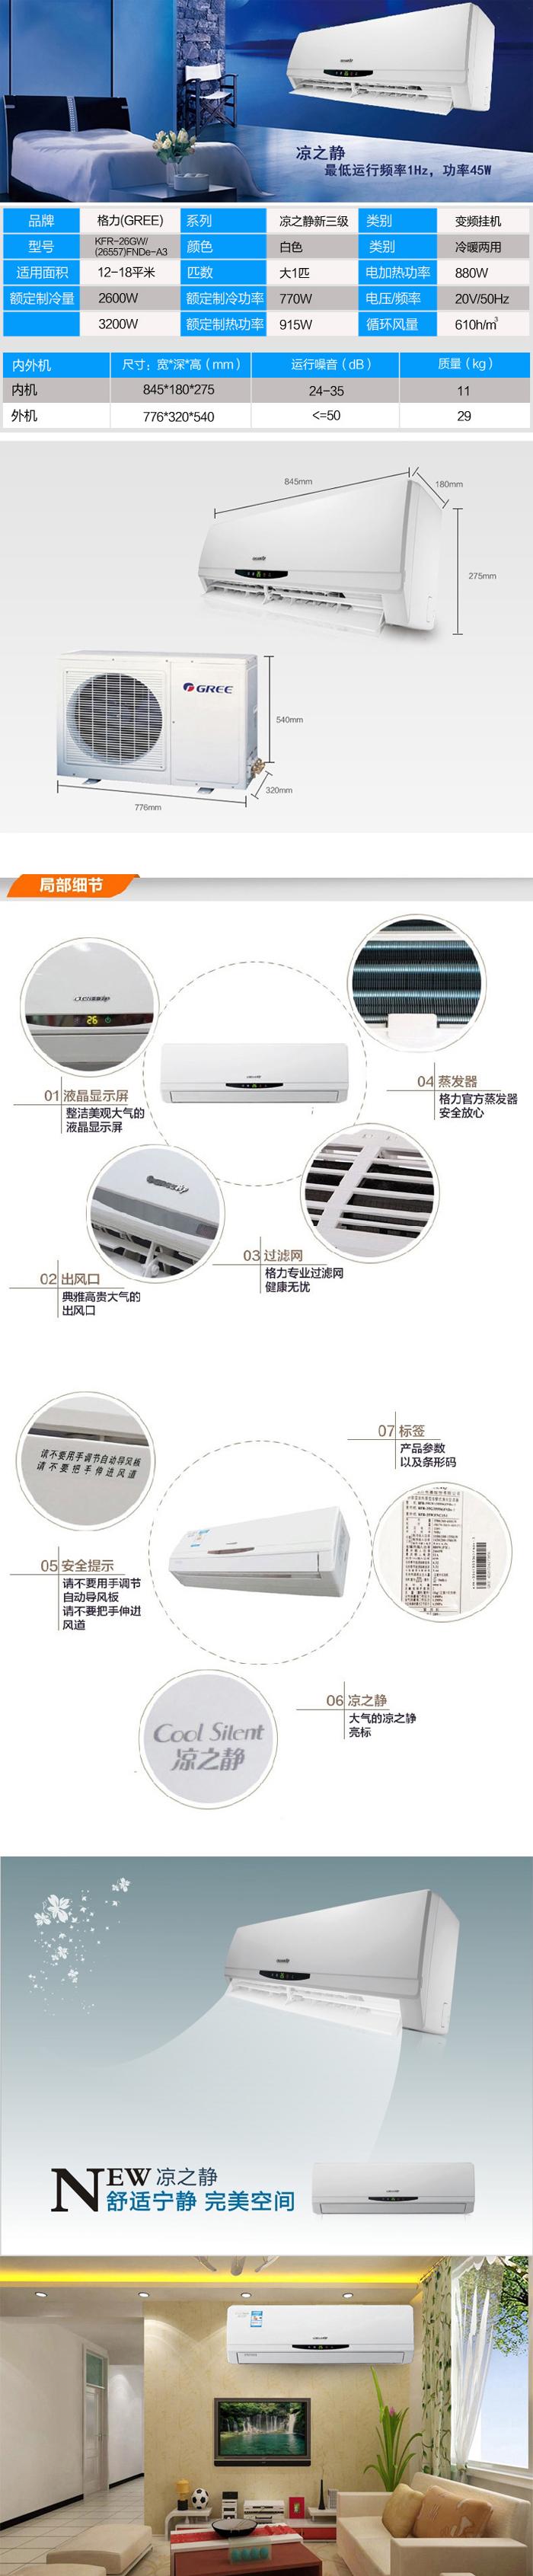 挂壁空调内外机接线图